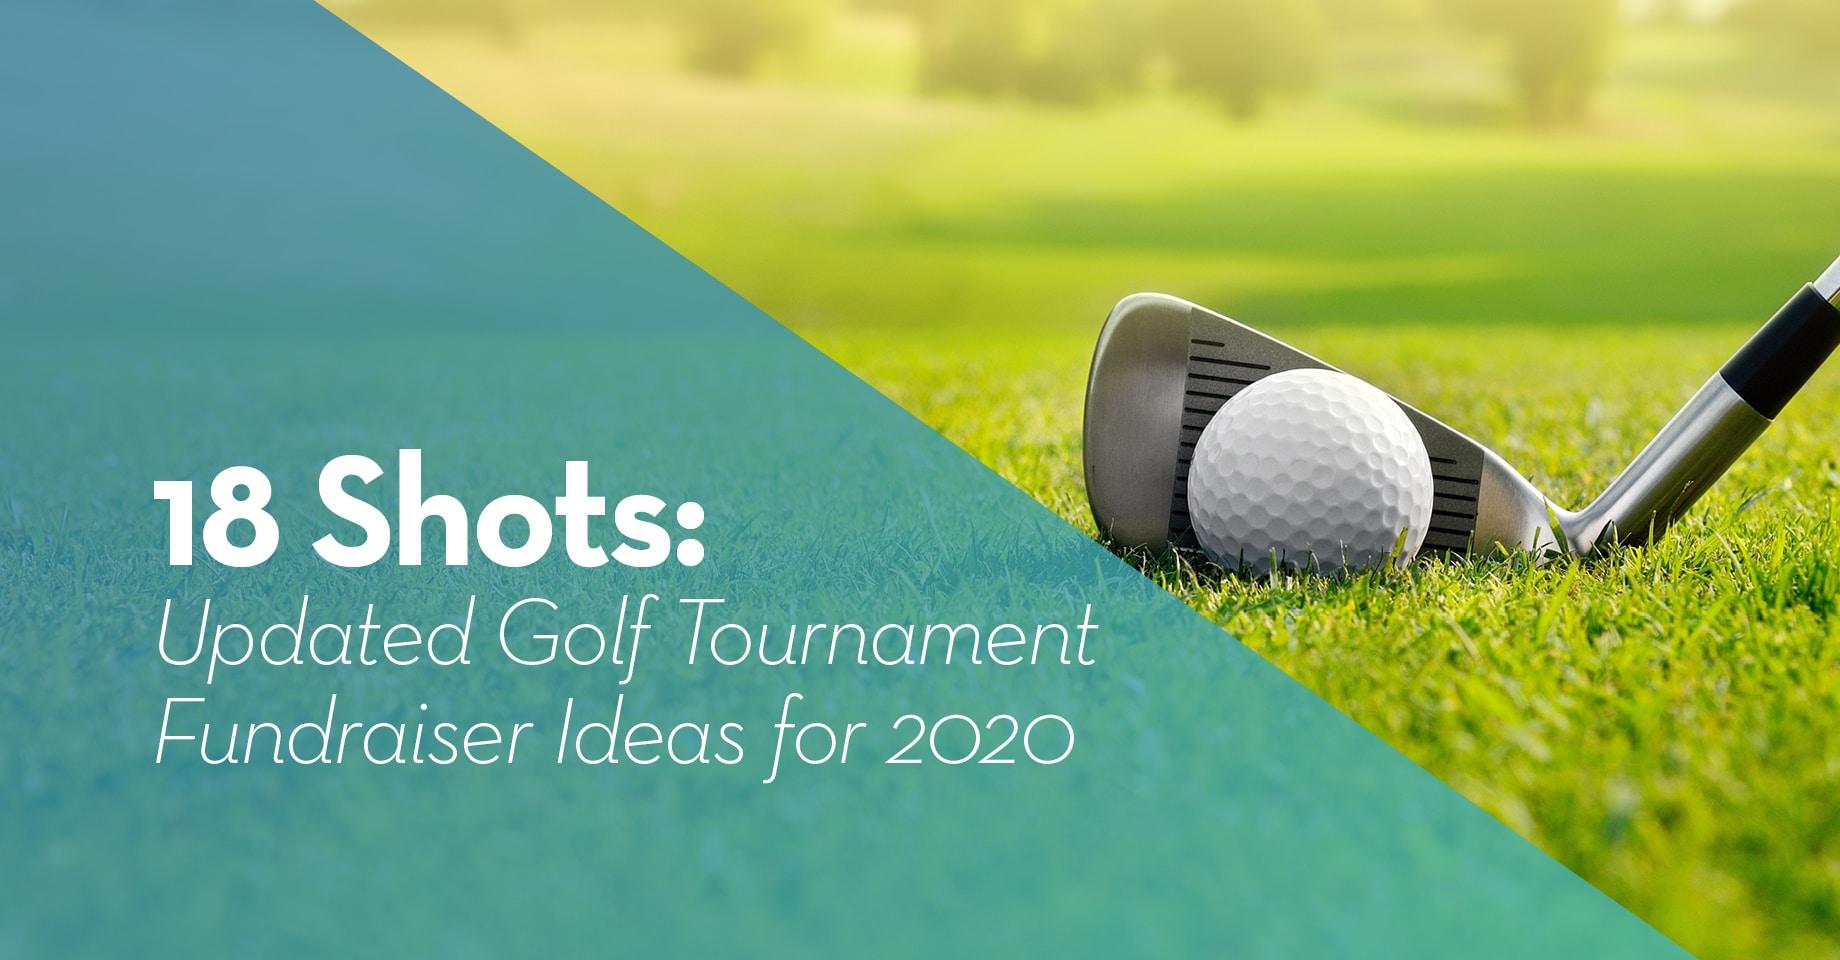 18 Shots: Updated Golf Tournament Fundraiser Ideas for 2020